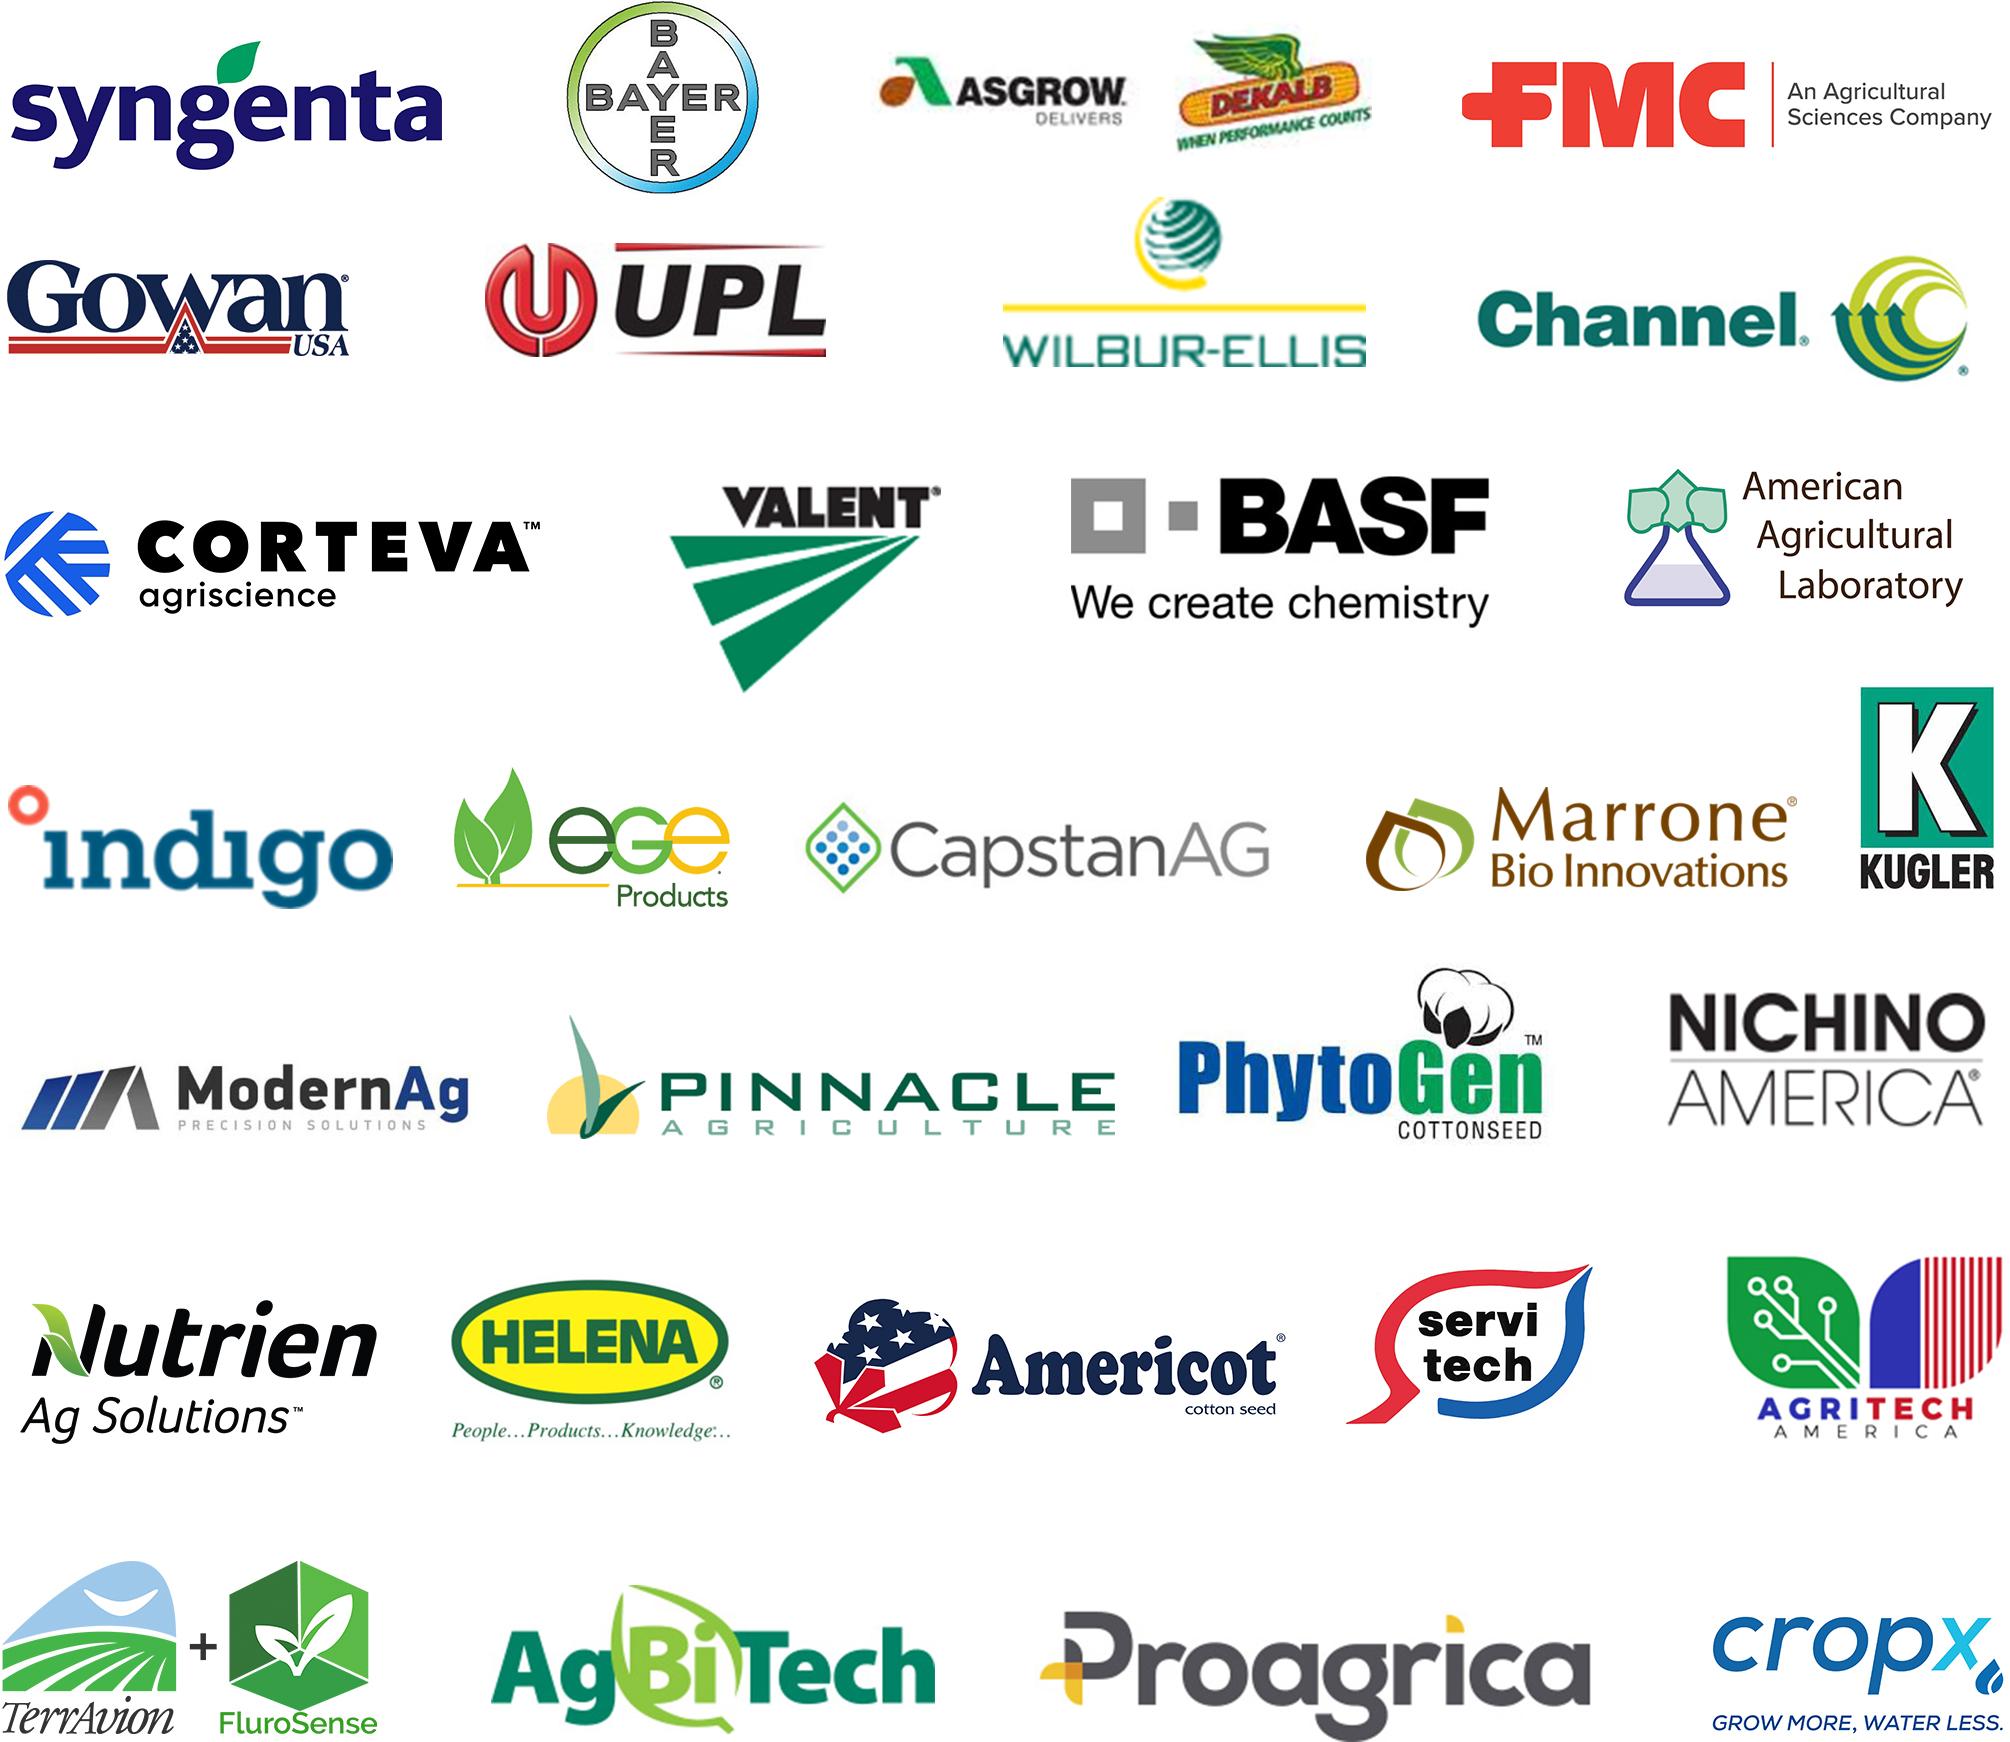 2019 All Sponsor Logos